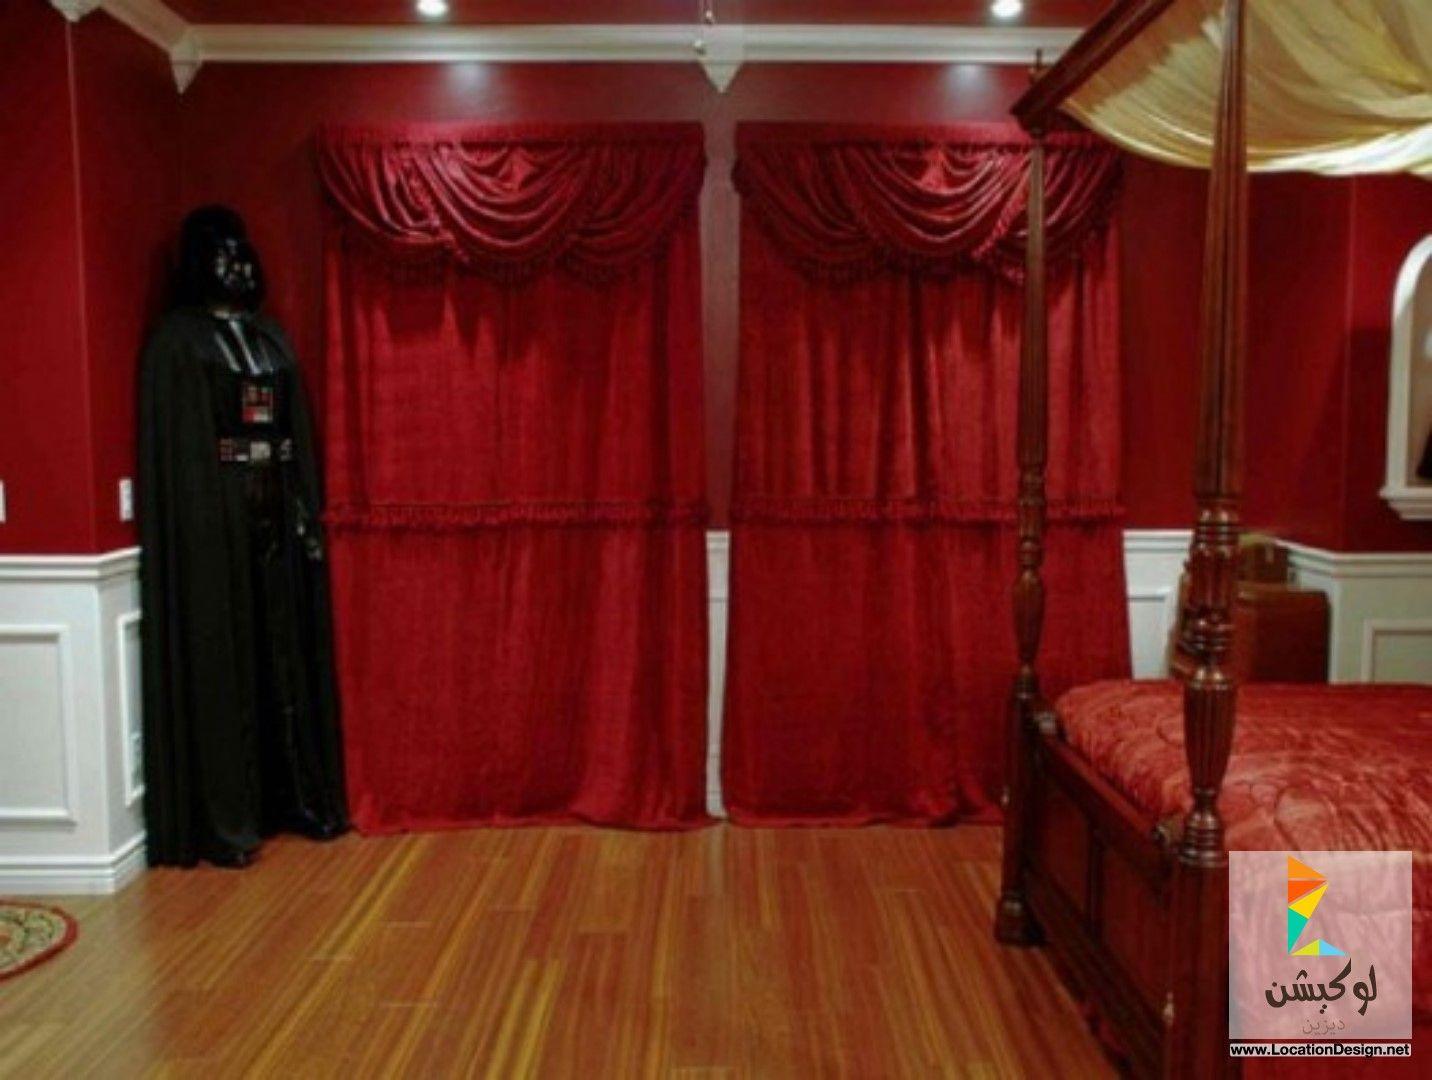 احدث ديكورات ستائر غرف نوم باللون الاحمر 2015 لوكشين ديزين نت Cool Curtains Curtain Designs Red Curtains Bedroom